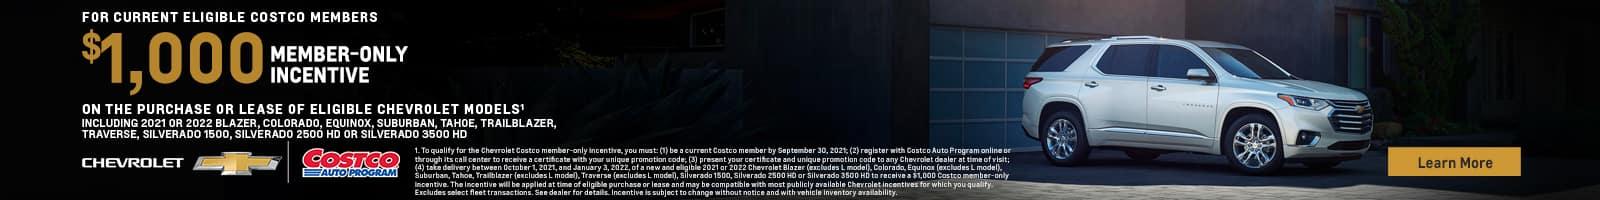 31_Q4 COSTCO_TRAVERSE_1600x200_BANNER